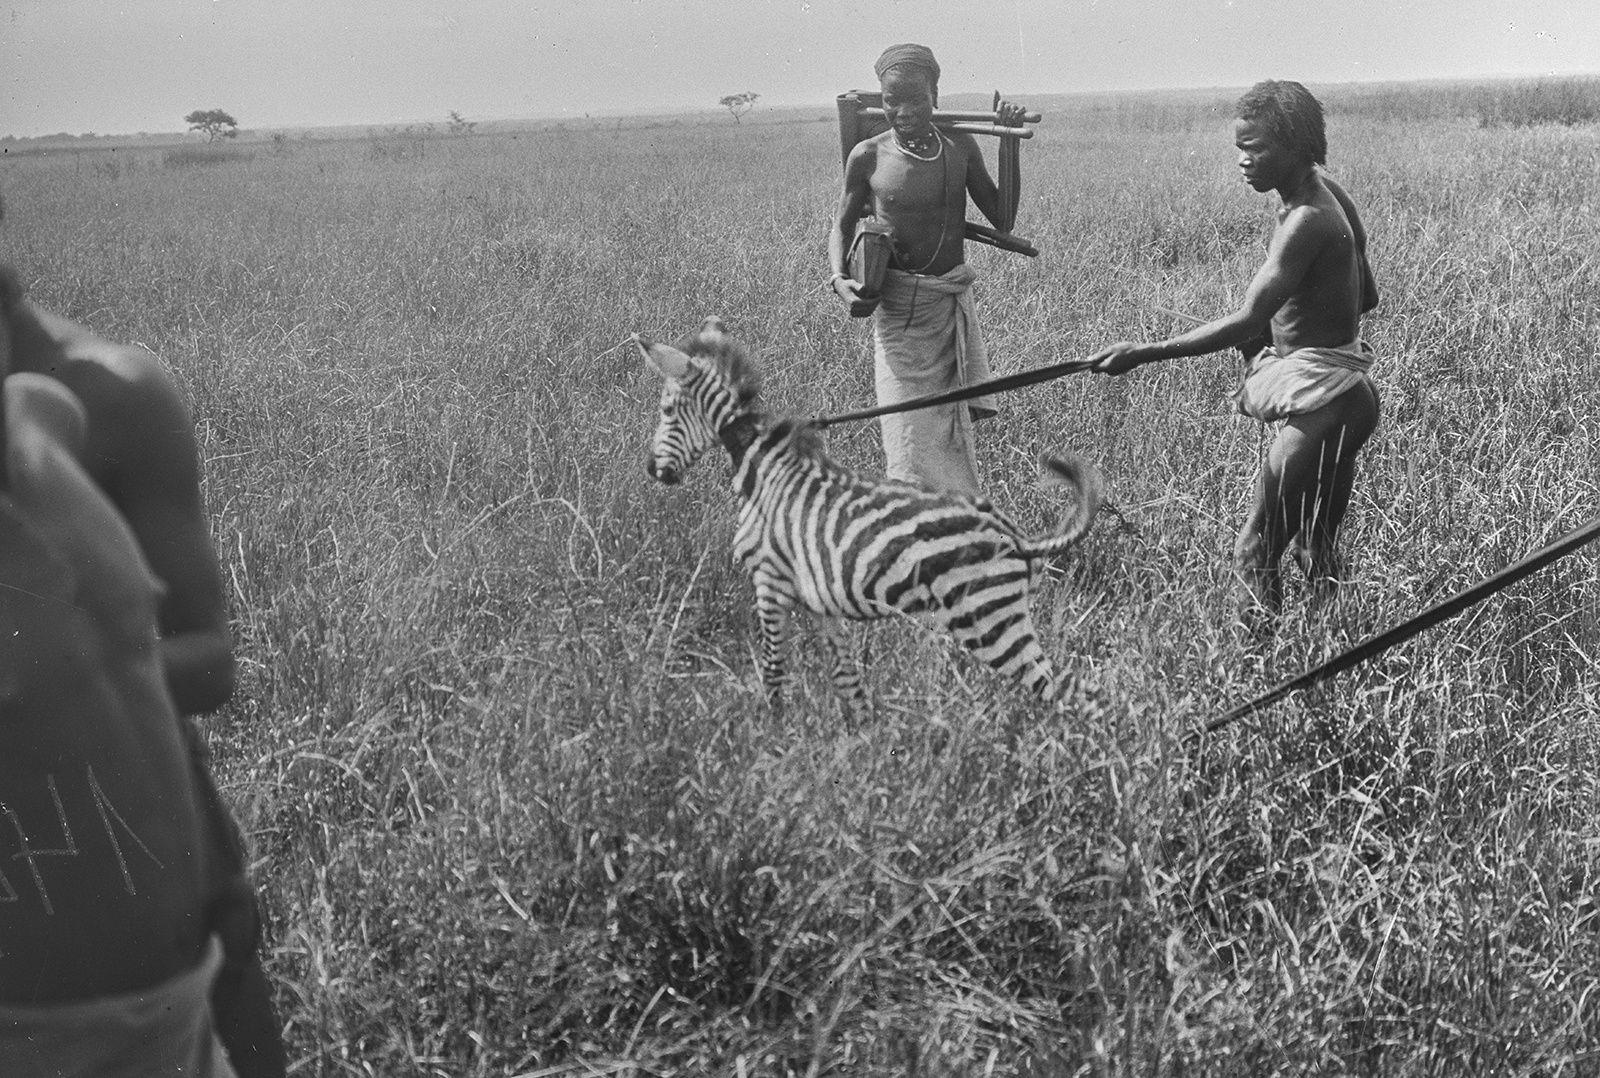 Gefangenes Zebra